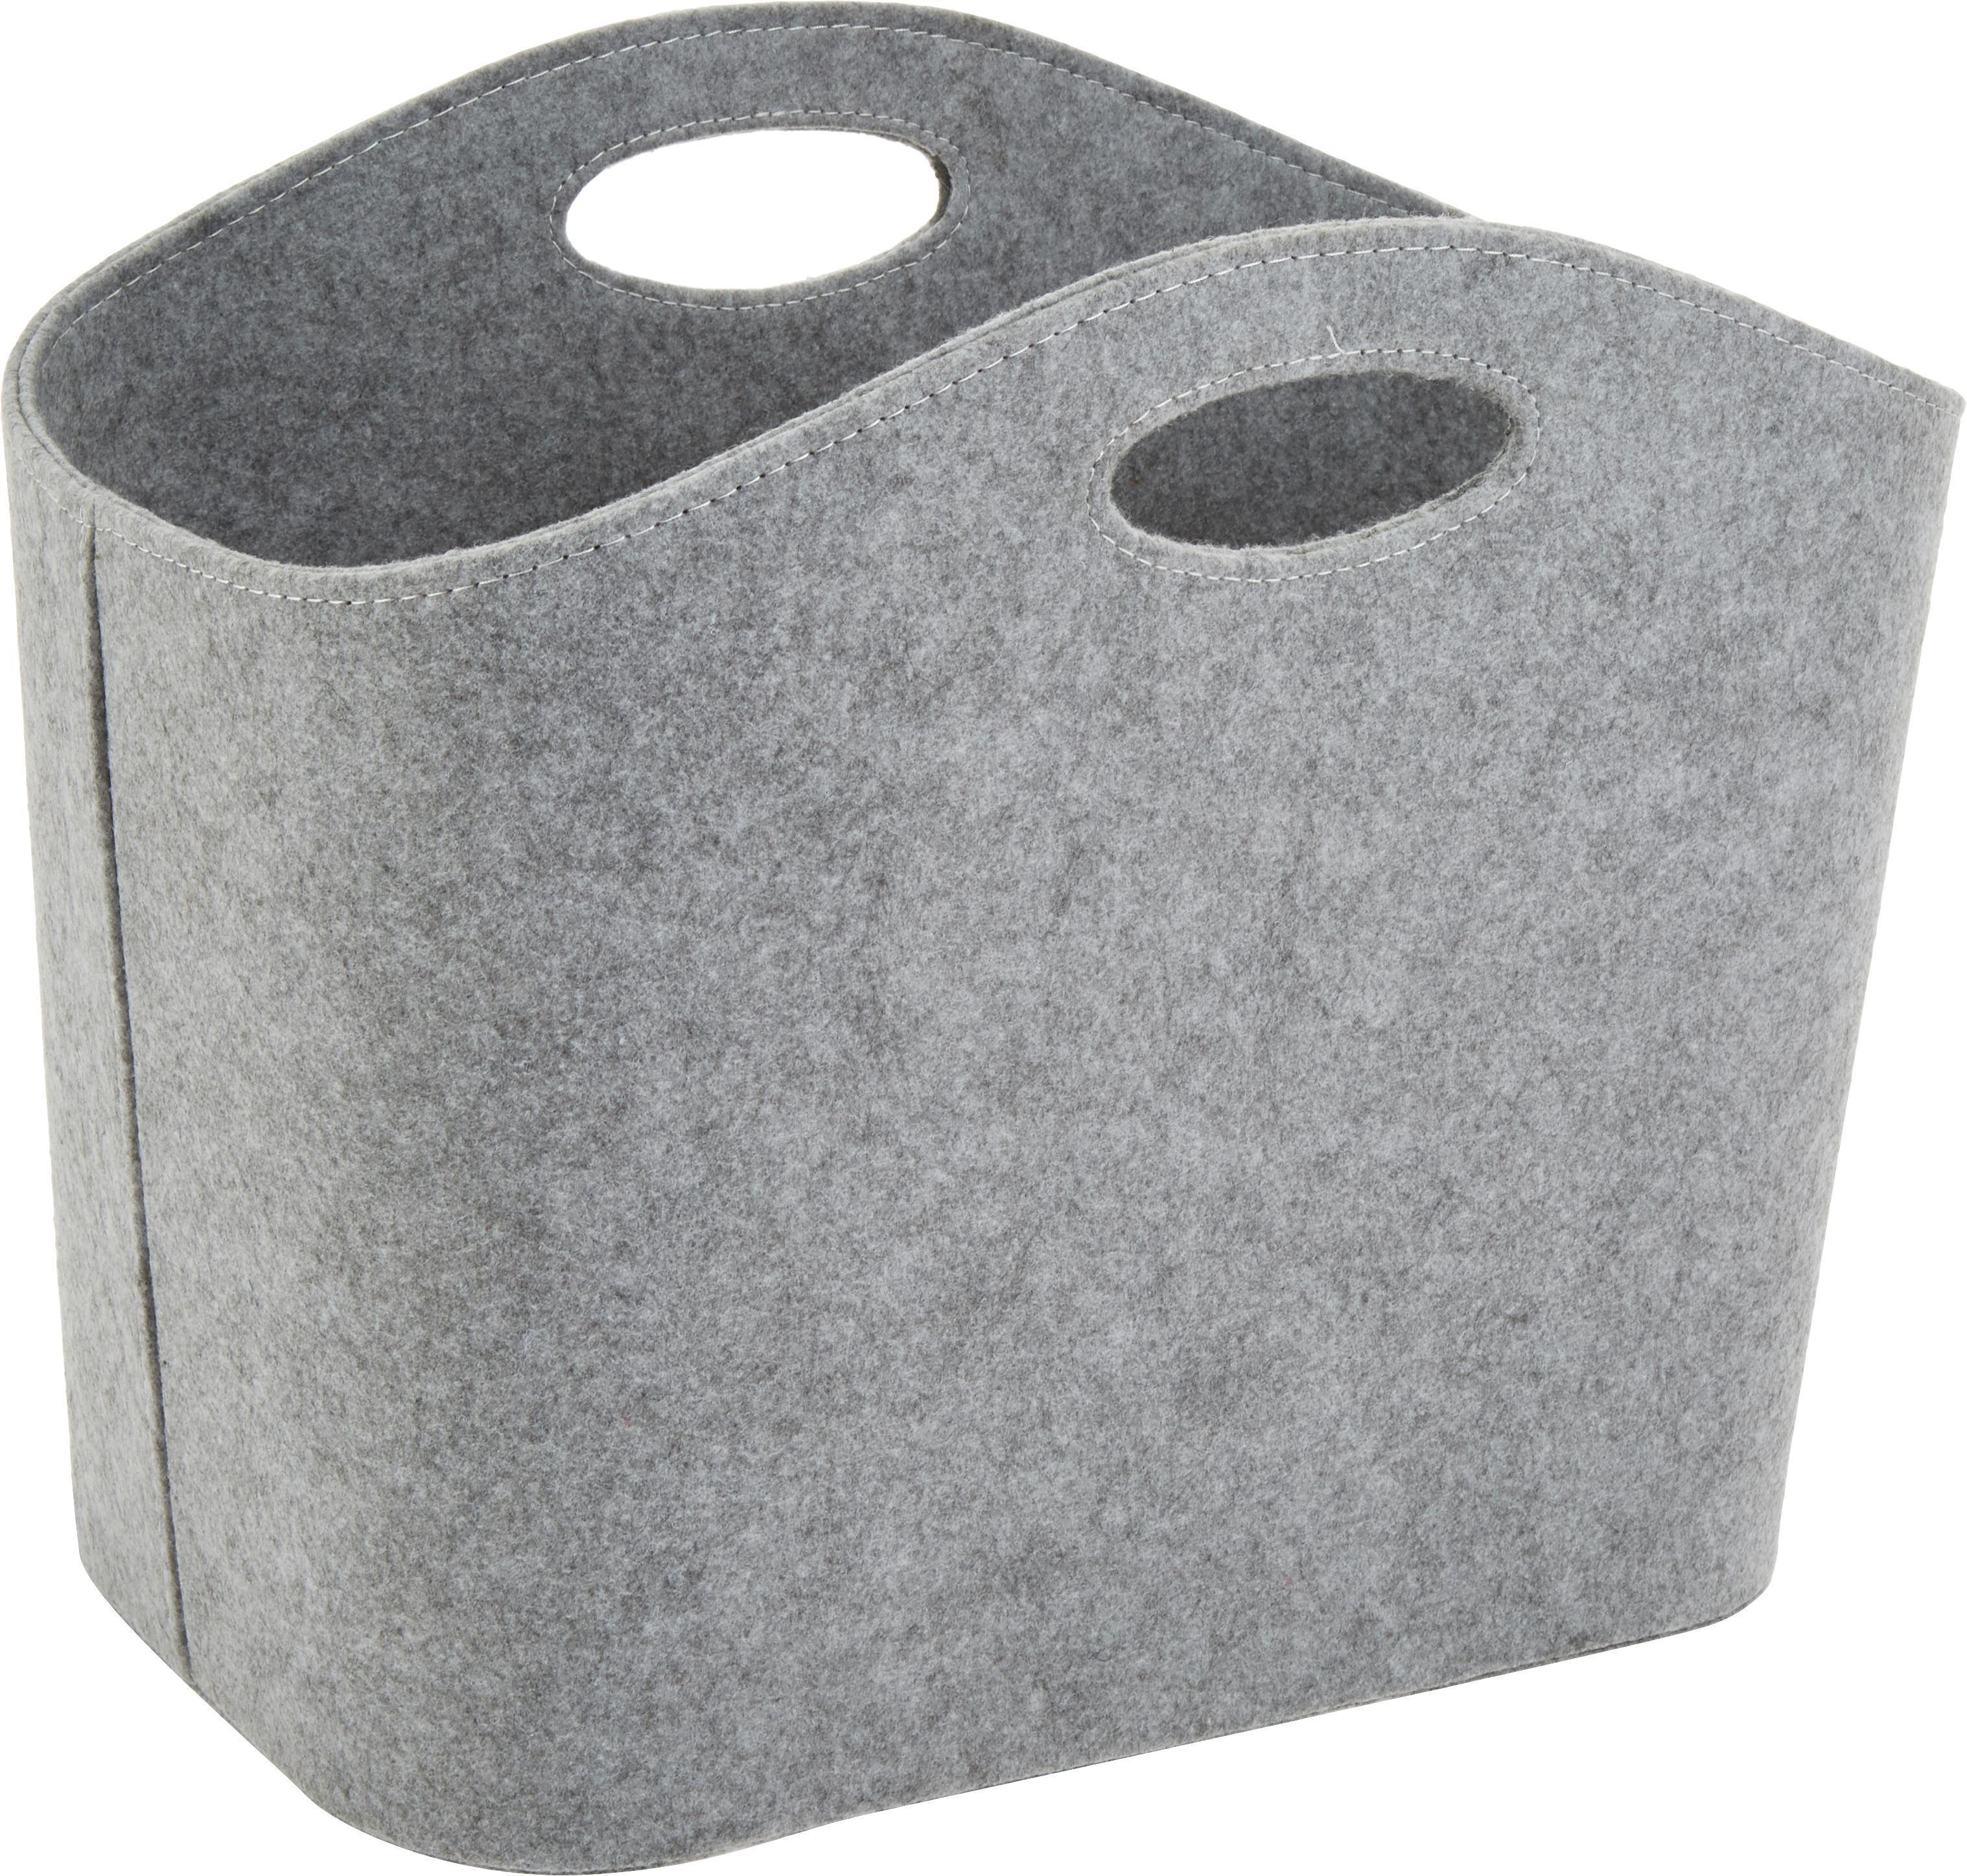 Kosz do przechowywania Mascha, Filc wykonany z tworzywa sztucznego pochącącego z recyklingu, Szary, D 45 x S 30 cm